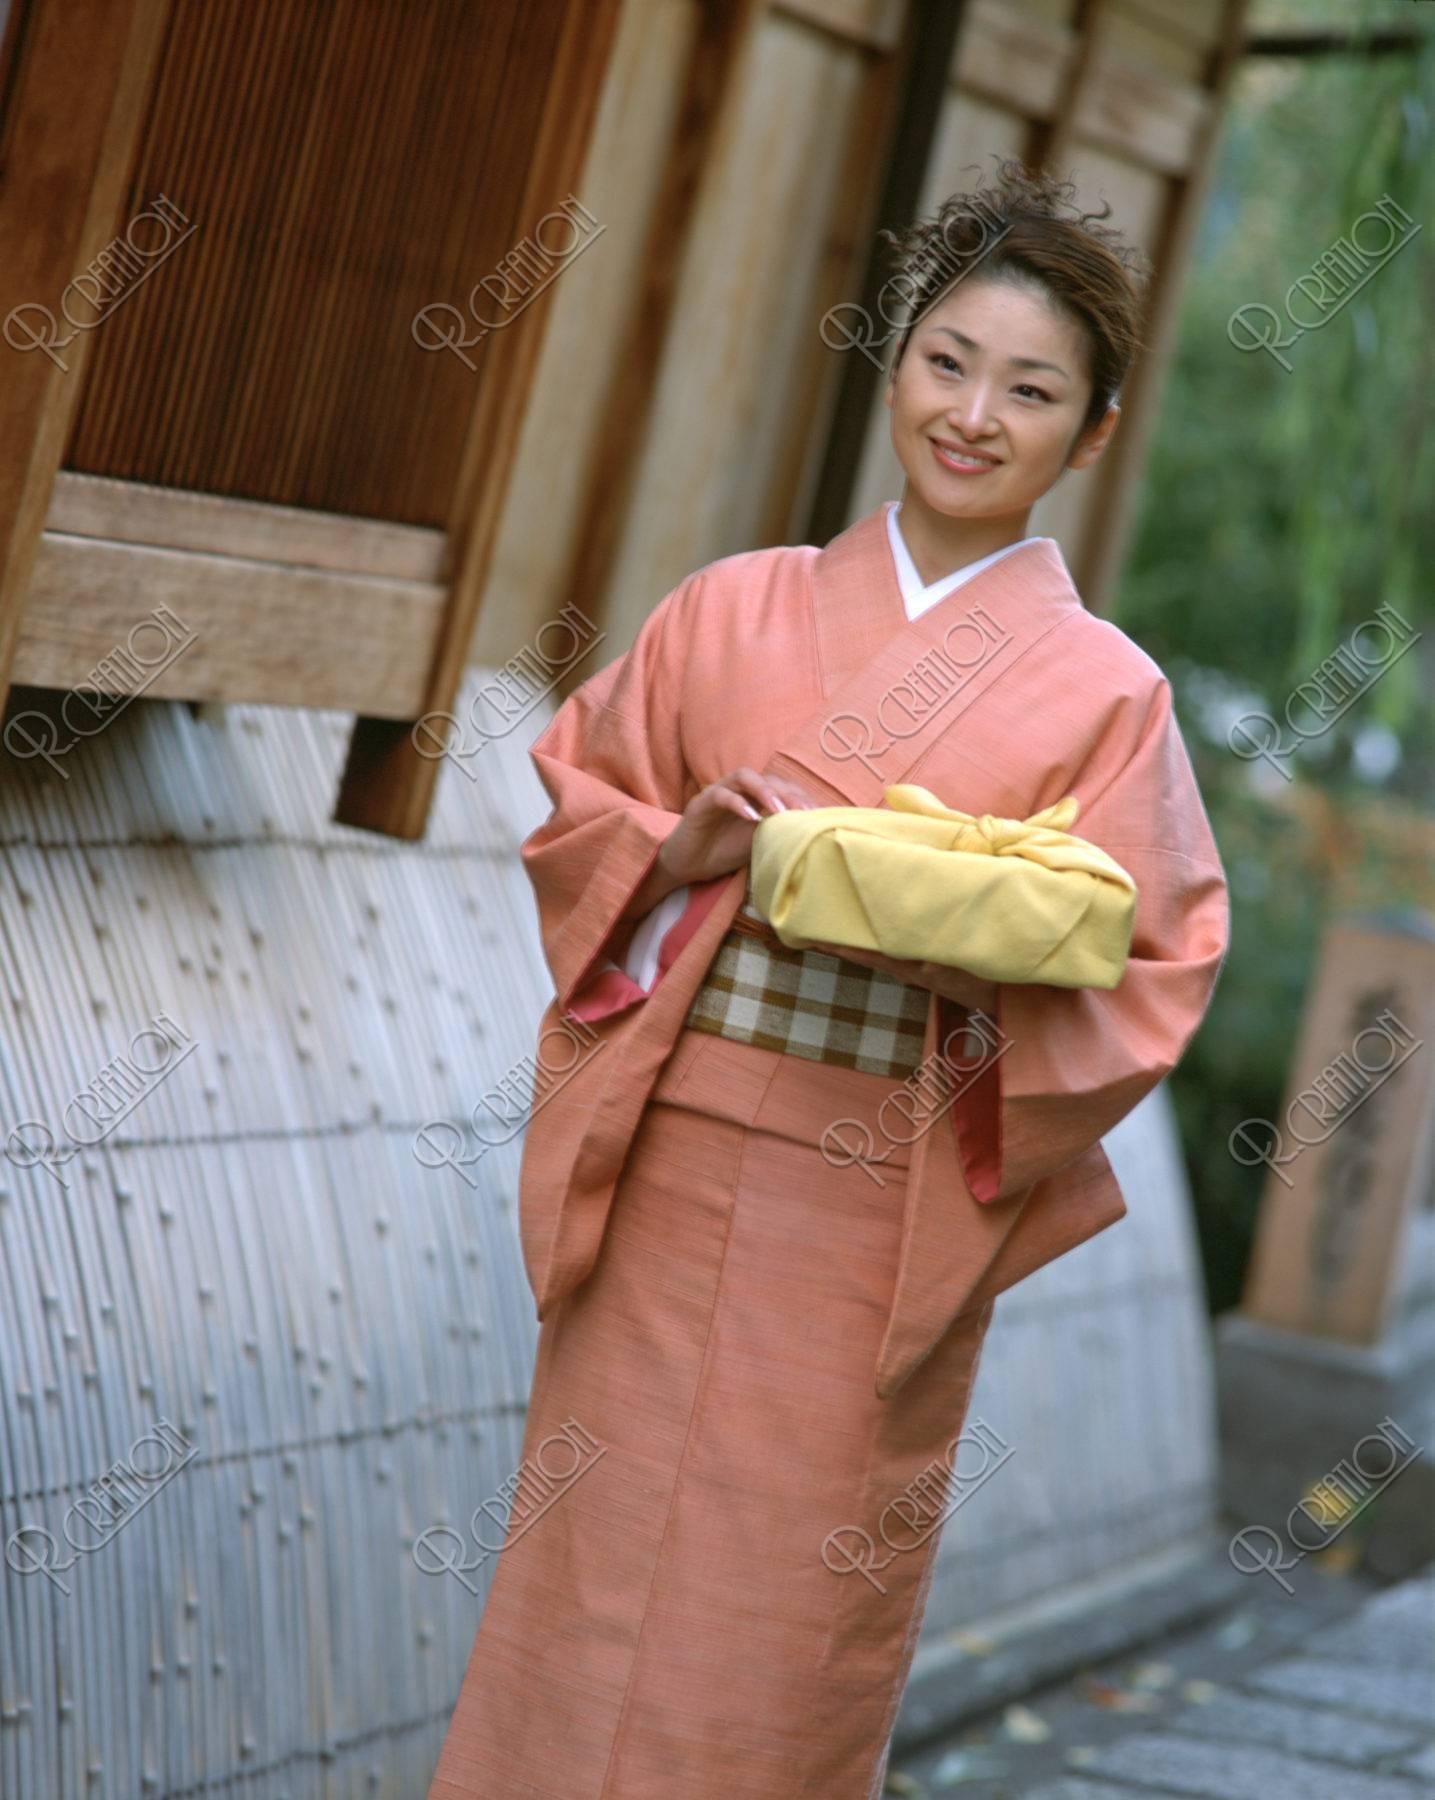 風呂敷包みを持つ女性